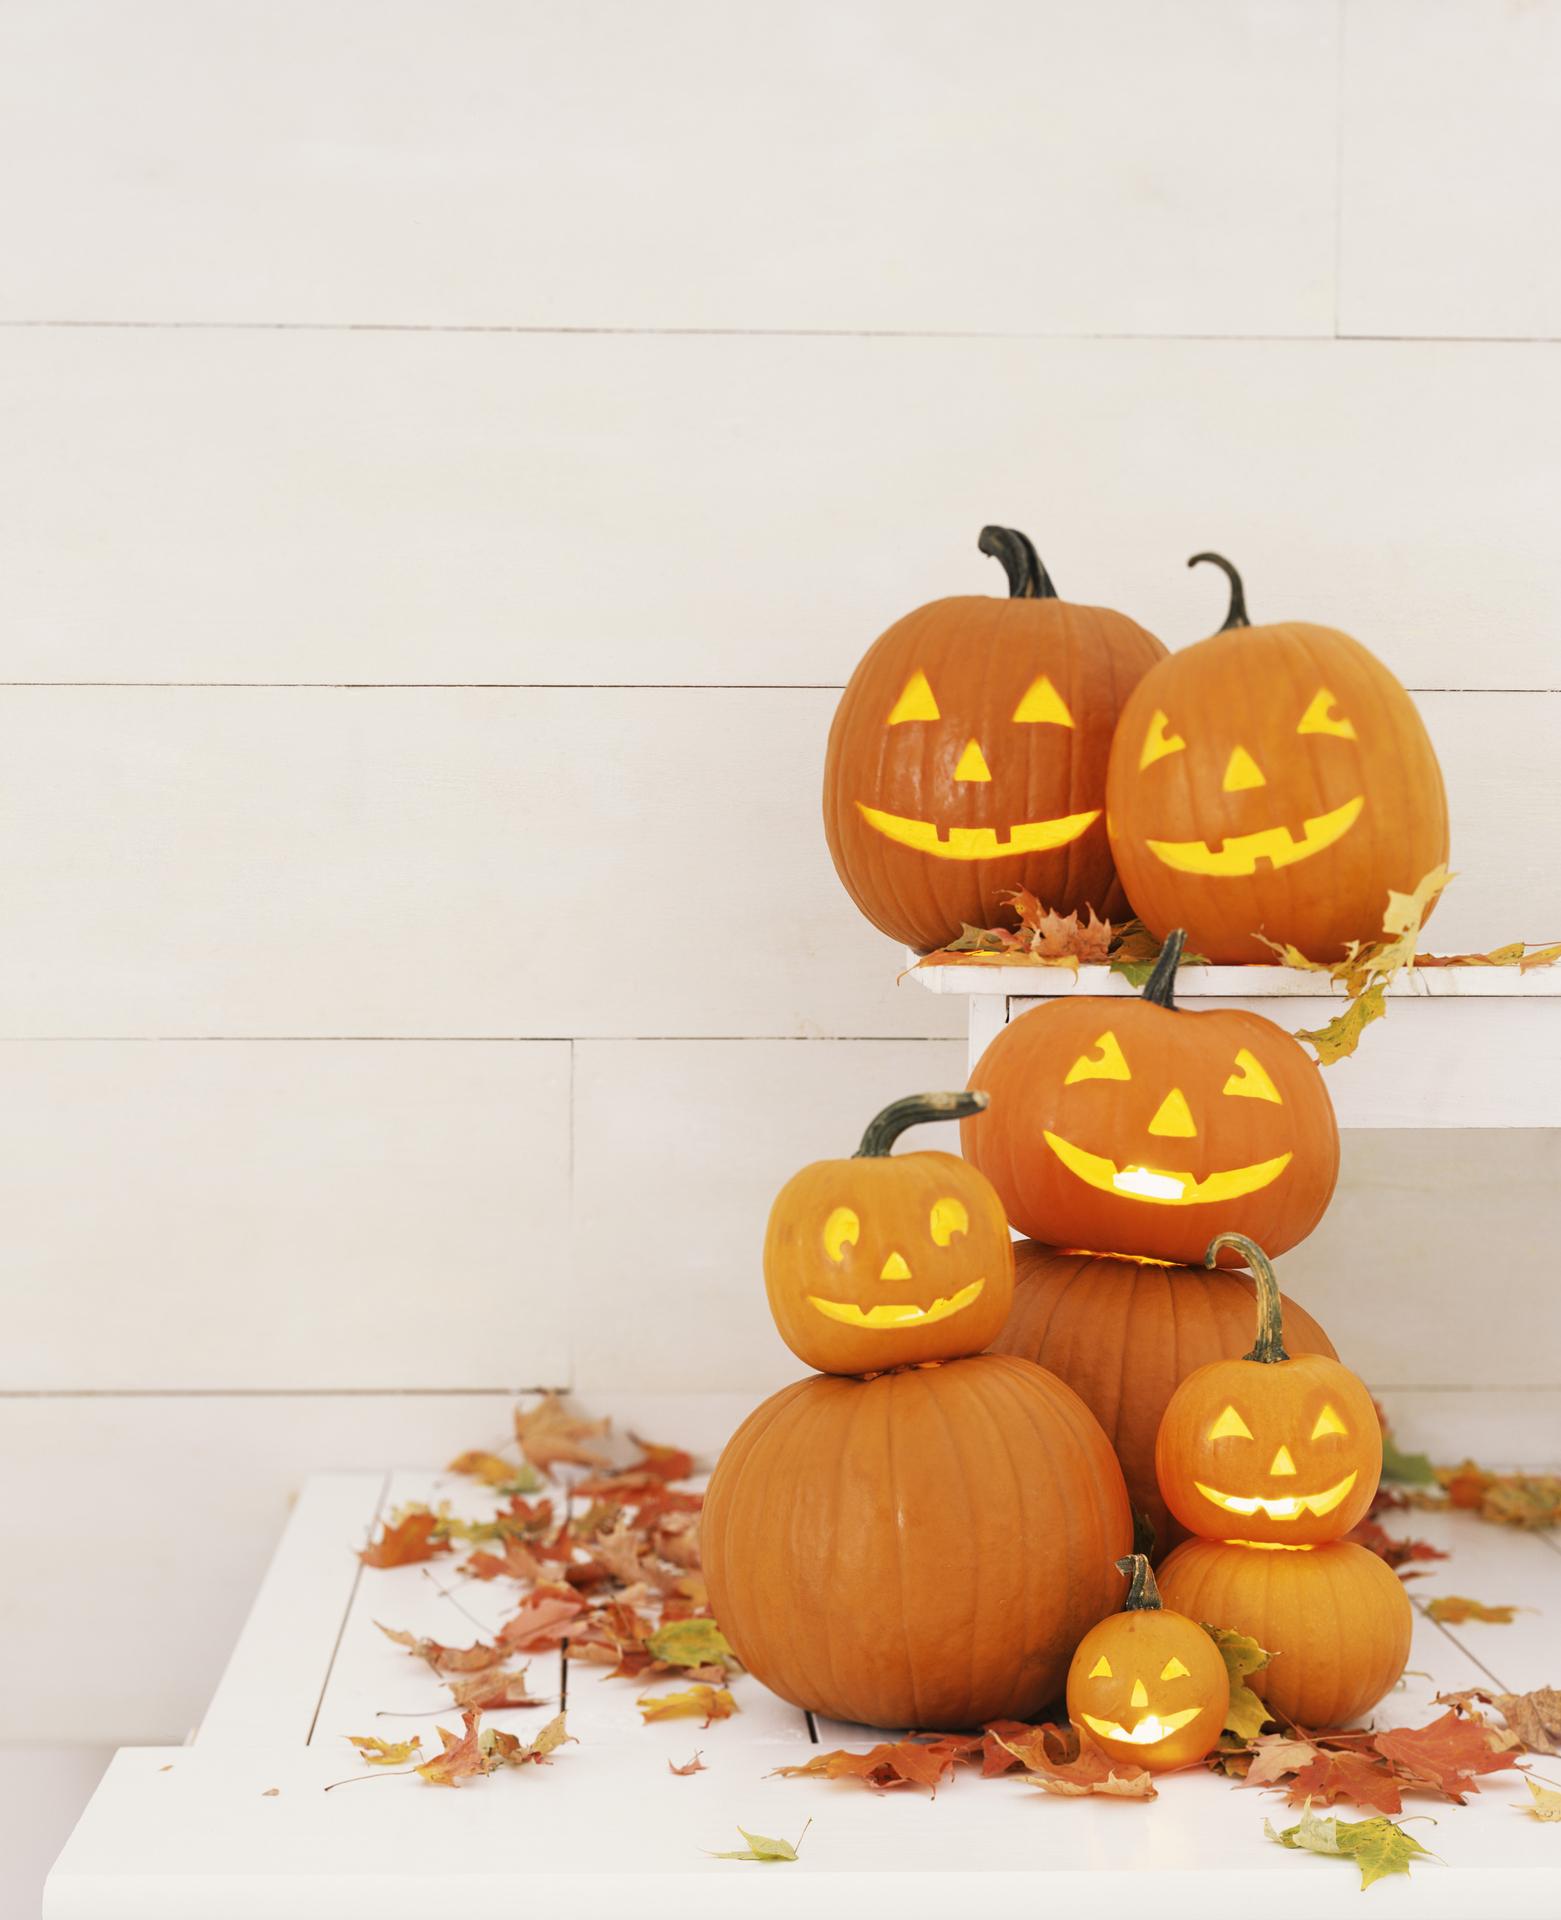 Creative Halloween Decoration Ideas: 65+ Best Pumpkin Carving Ideas Halloween 2017